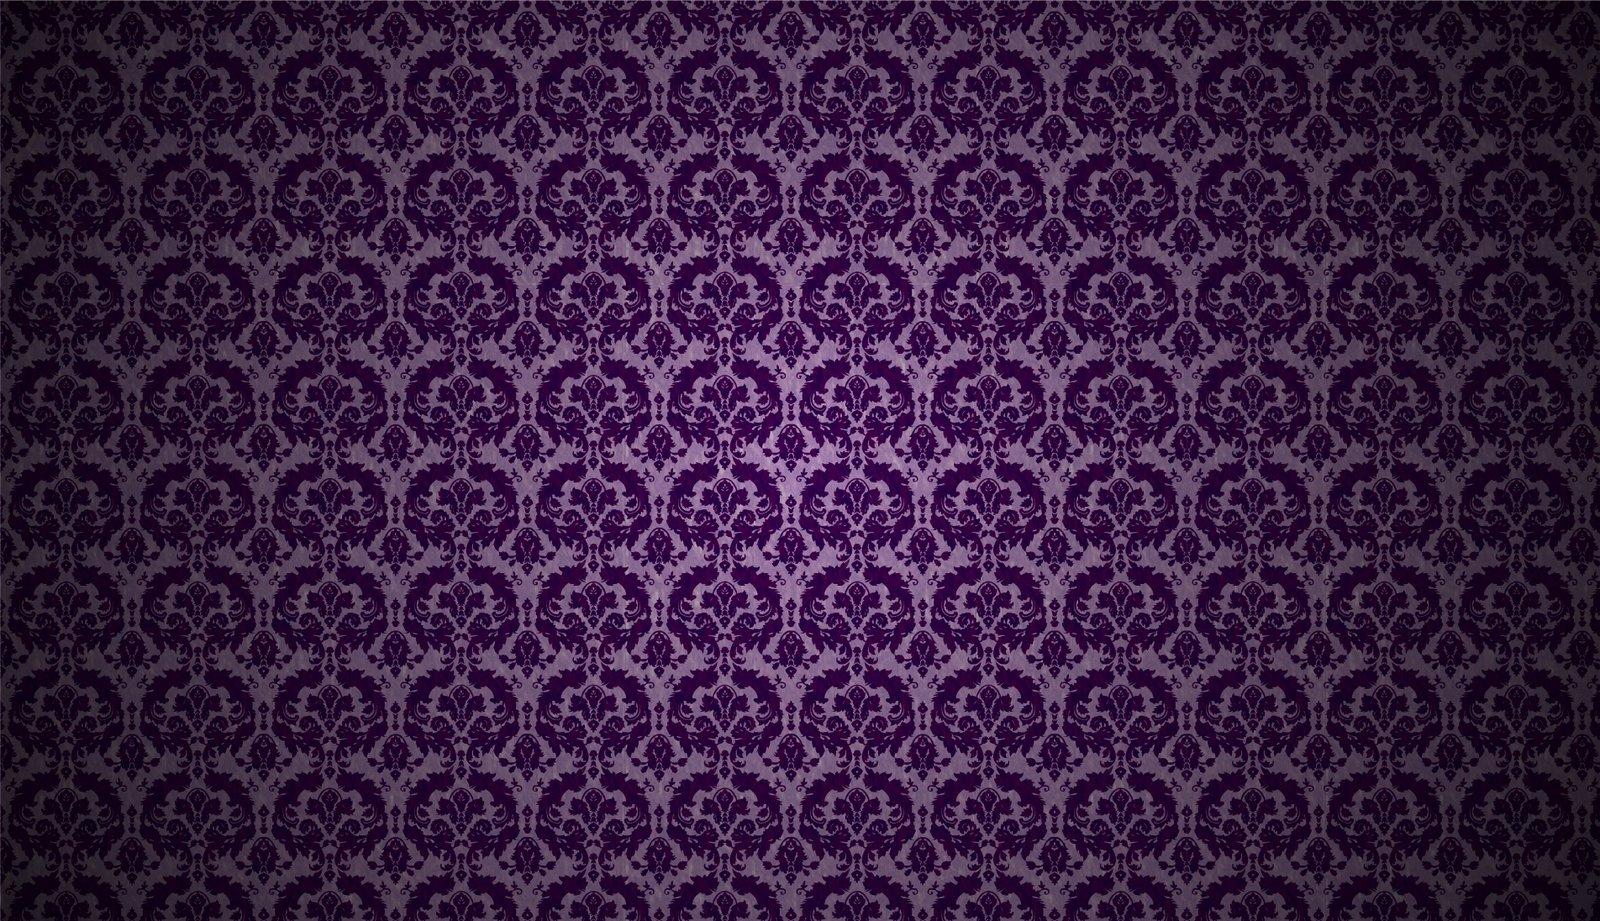 Attractive Purple Silver And Black Wallpaper 1 Widescreen Wallpaper  CT63